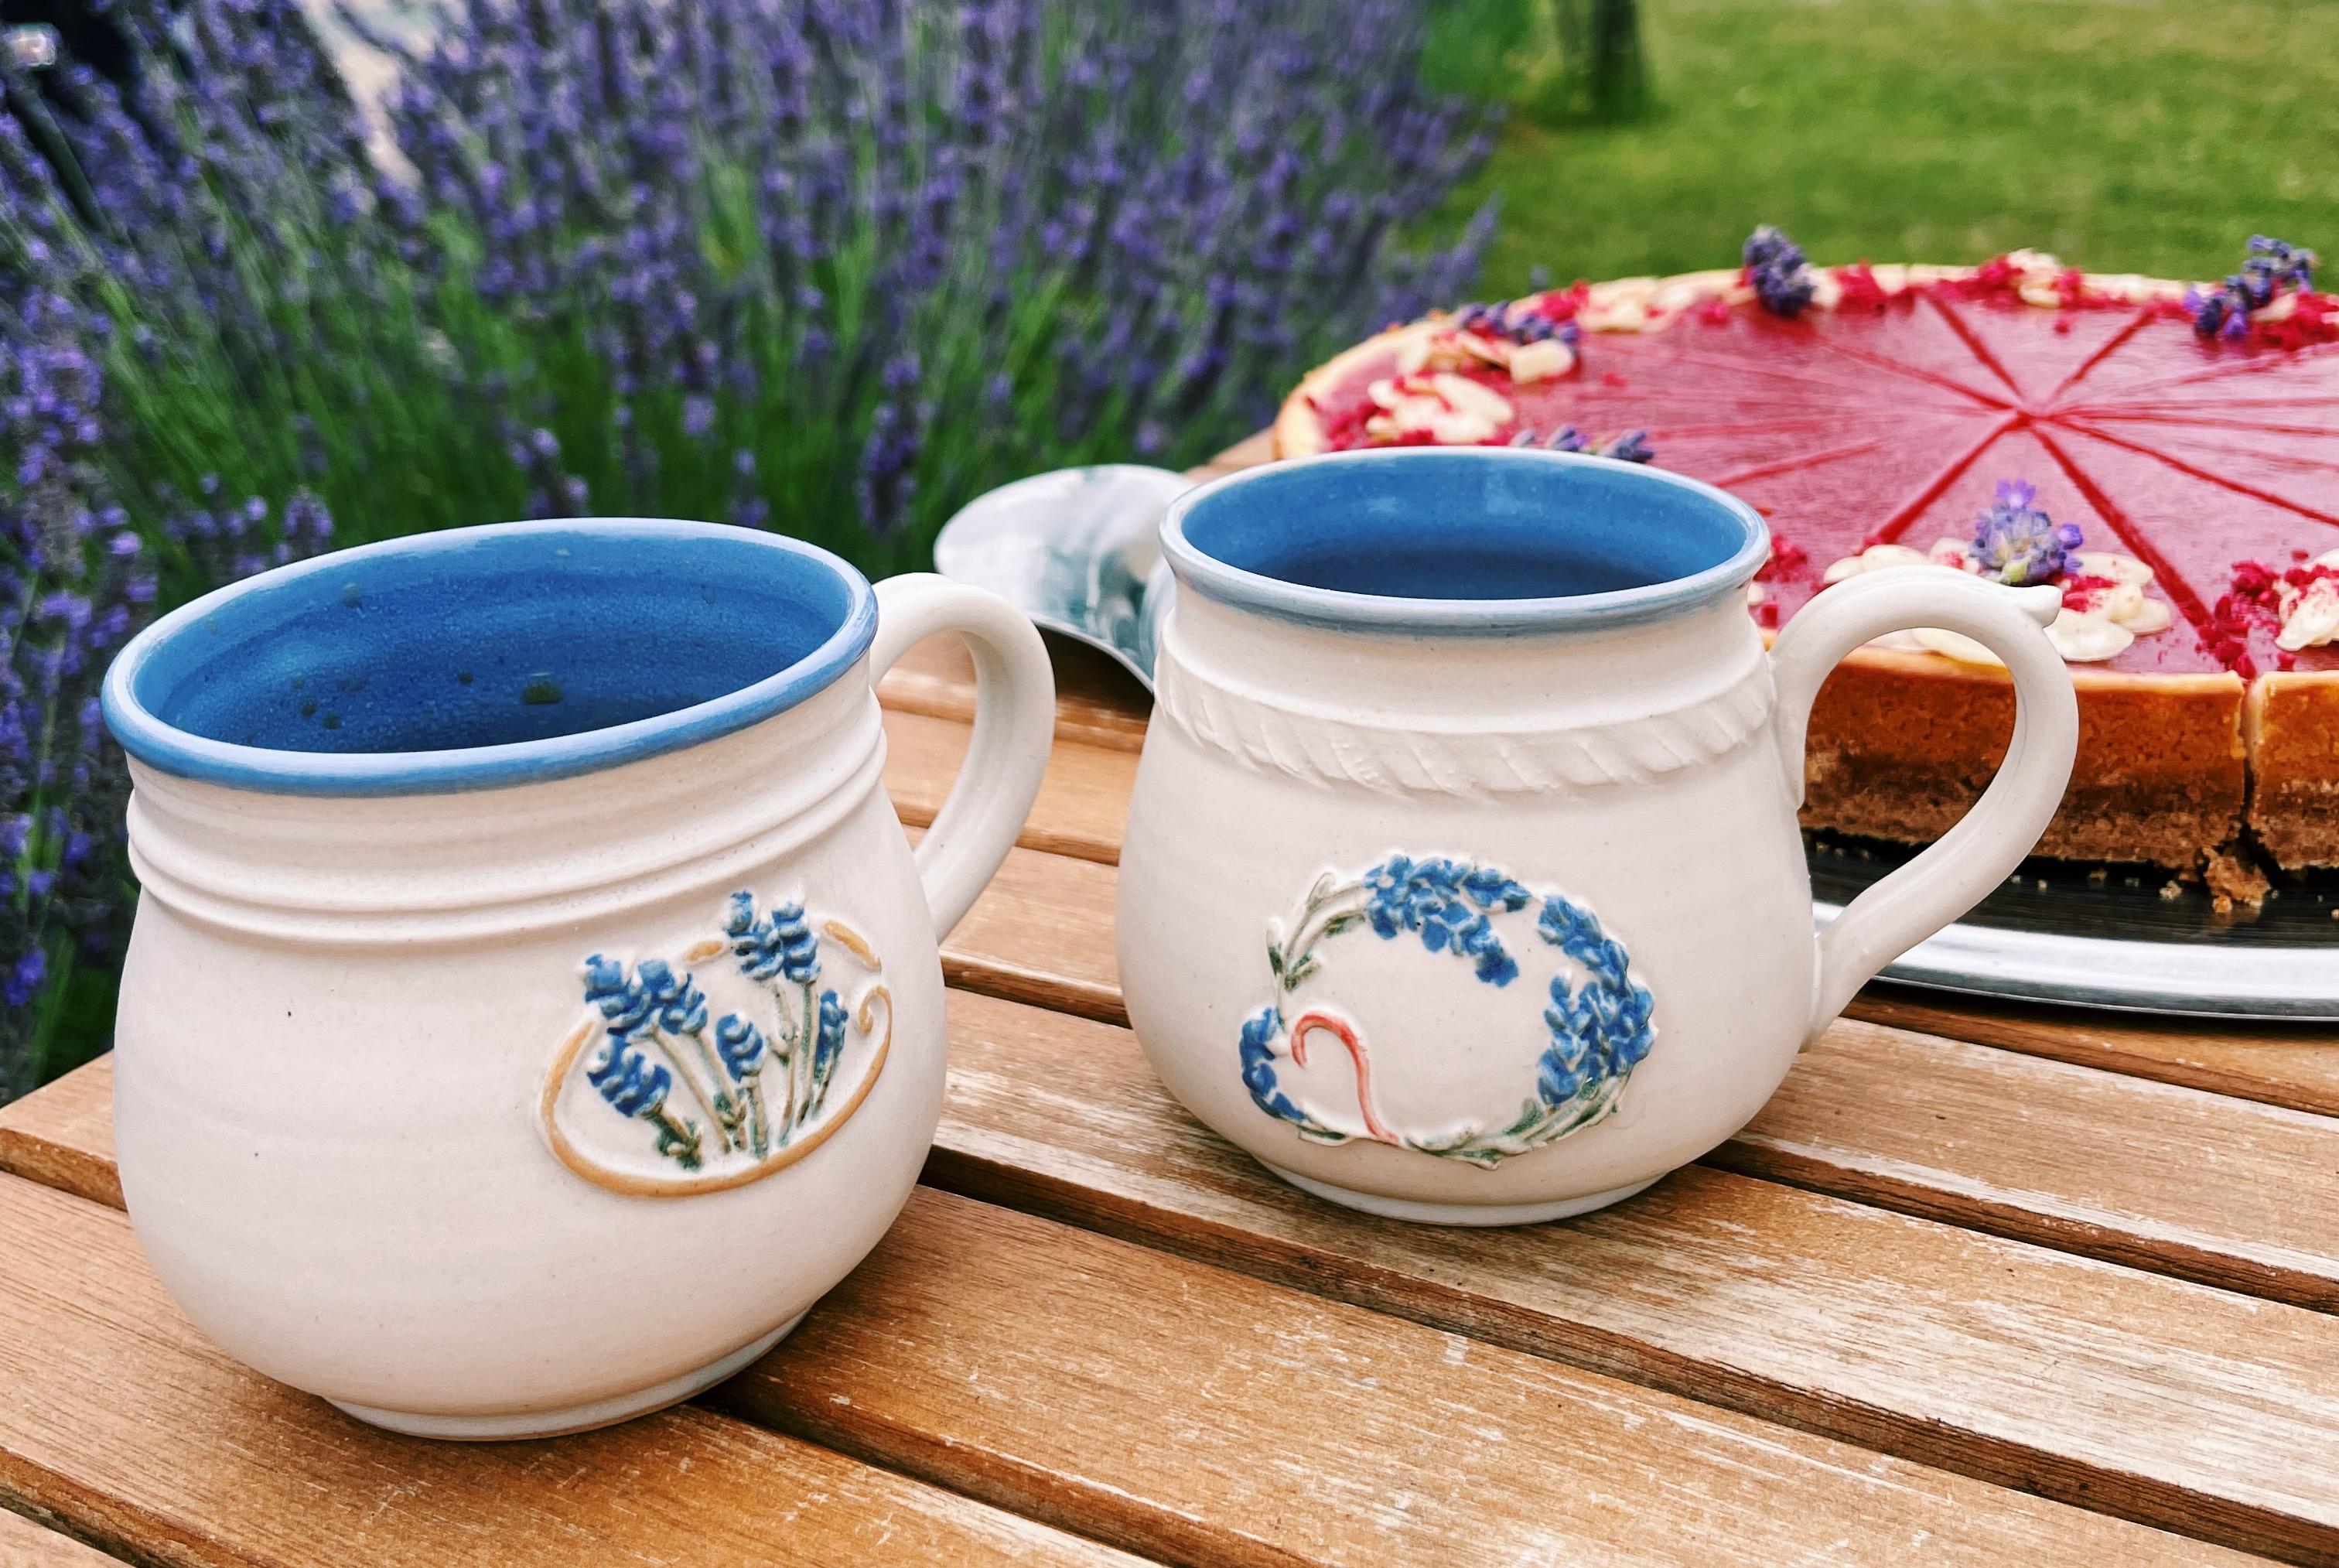 Levandulové dobroty, káva s sebou a posezení